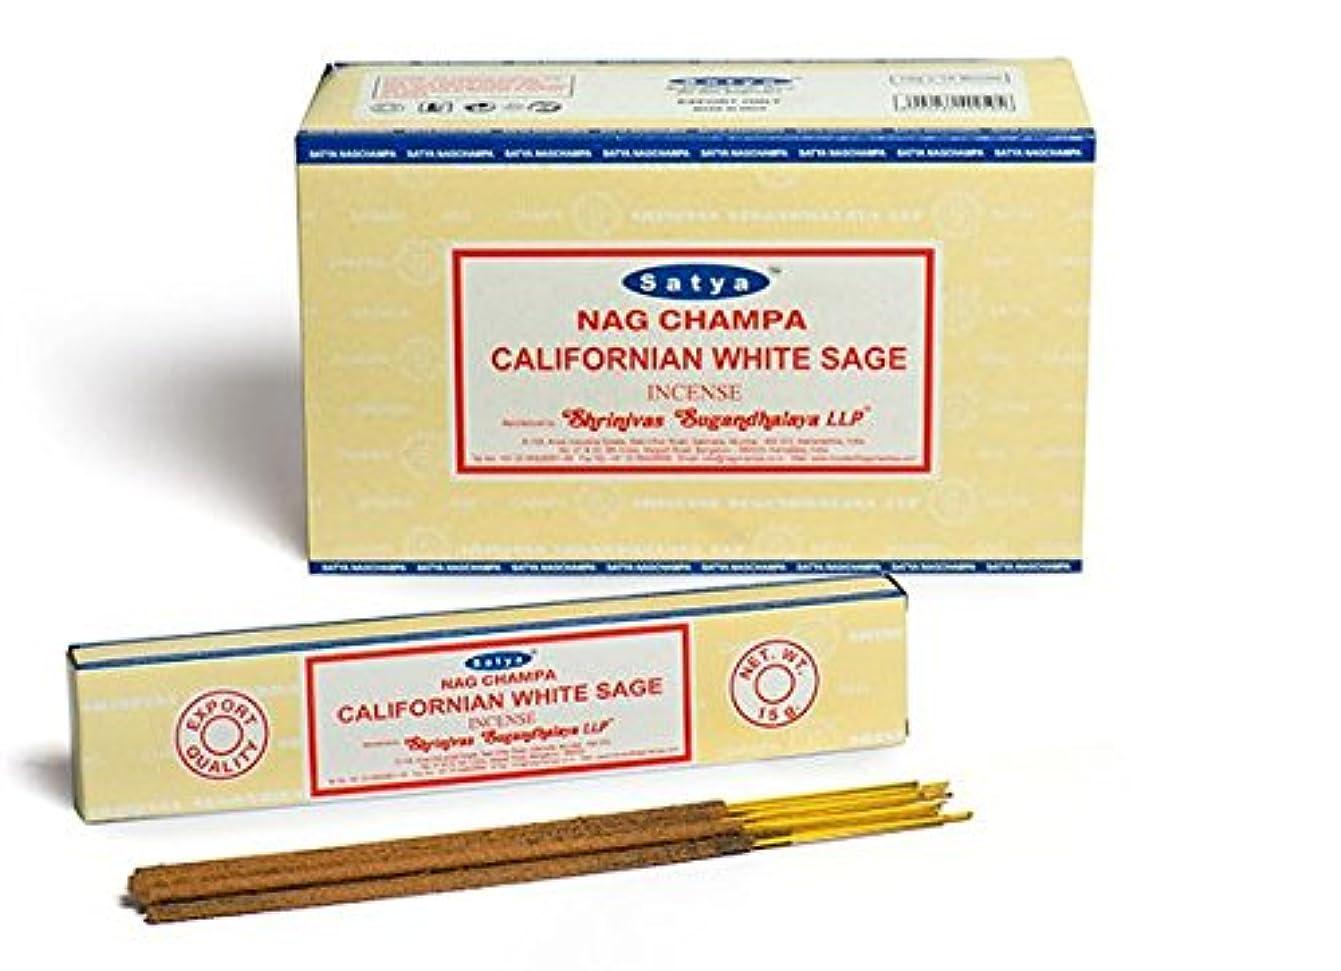 幾何学手がかりオーバーコートSatya Nag Champa カリフォルニアホワイトセージ香スティック Agarbatti 180グラムボックス   15グラム入り12パック 箱入り   輸出品質